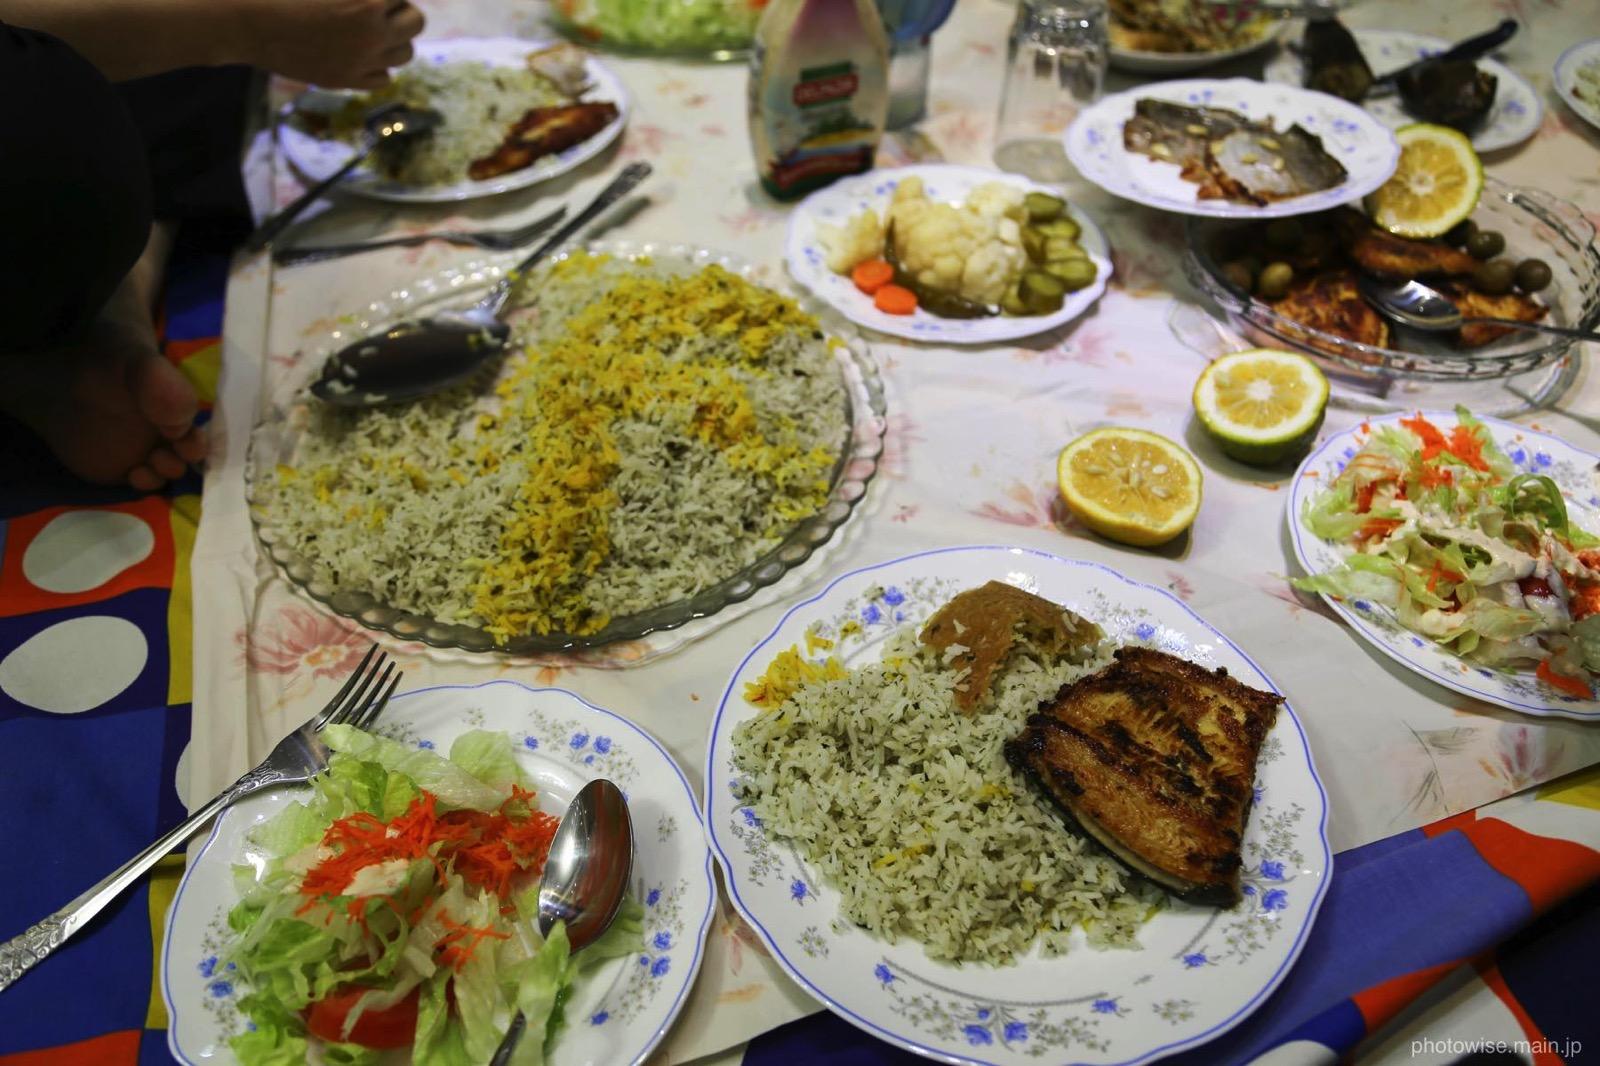 イラン式ディナー2